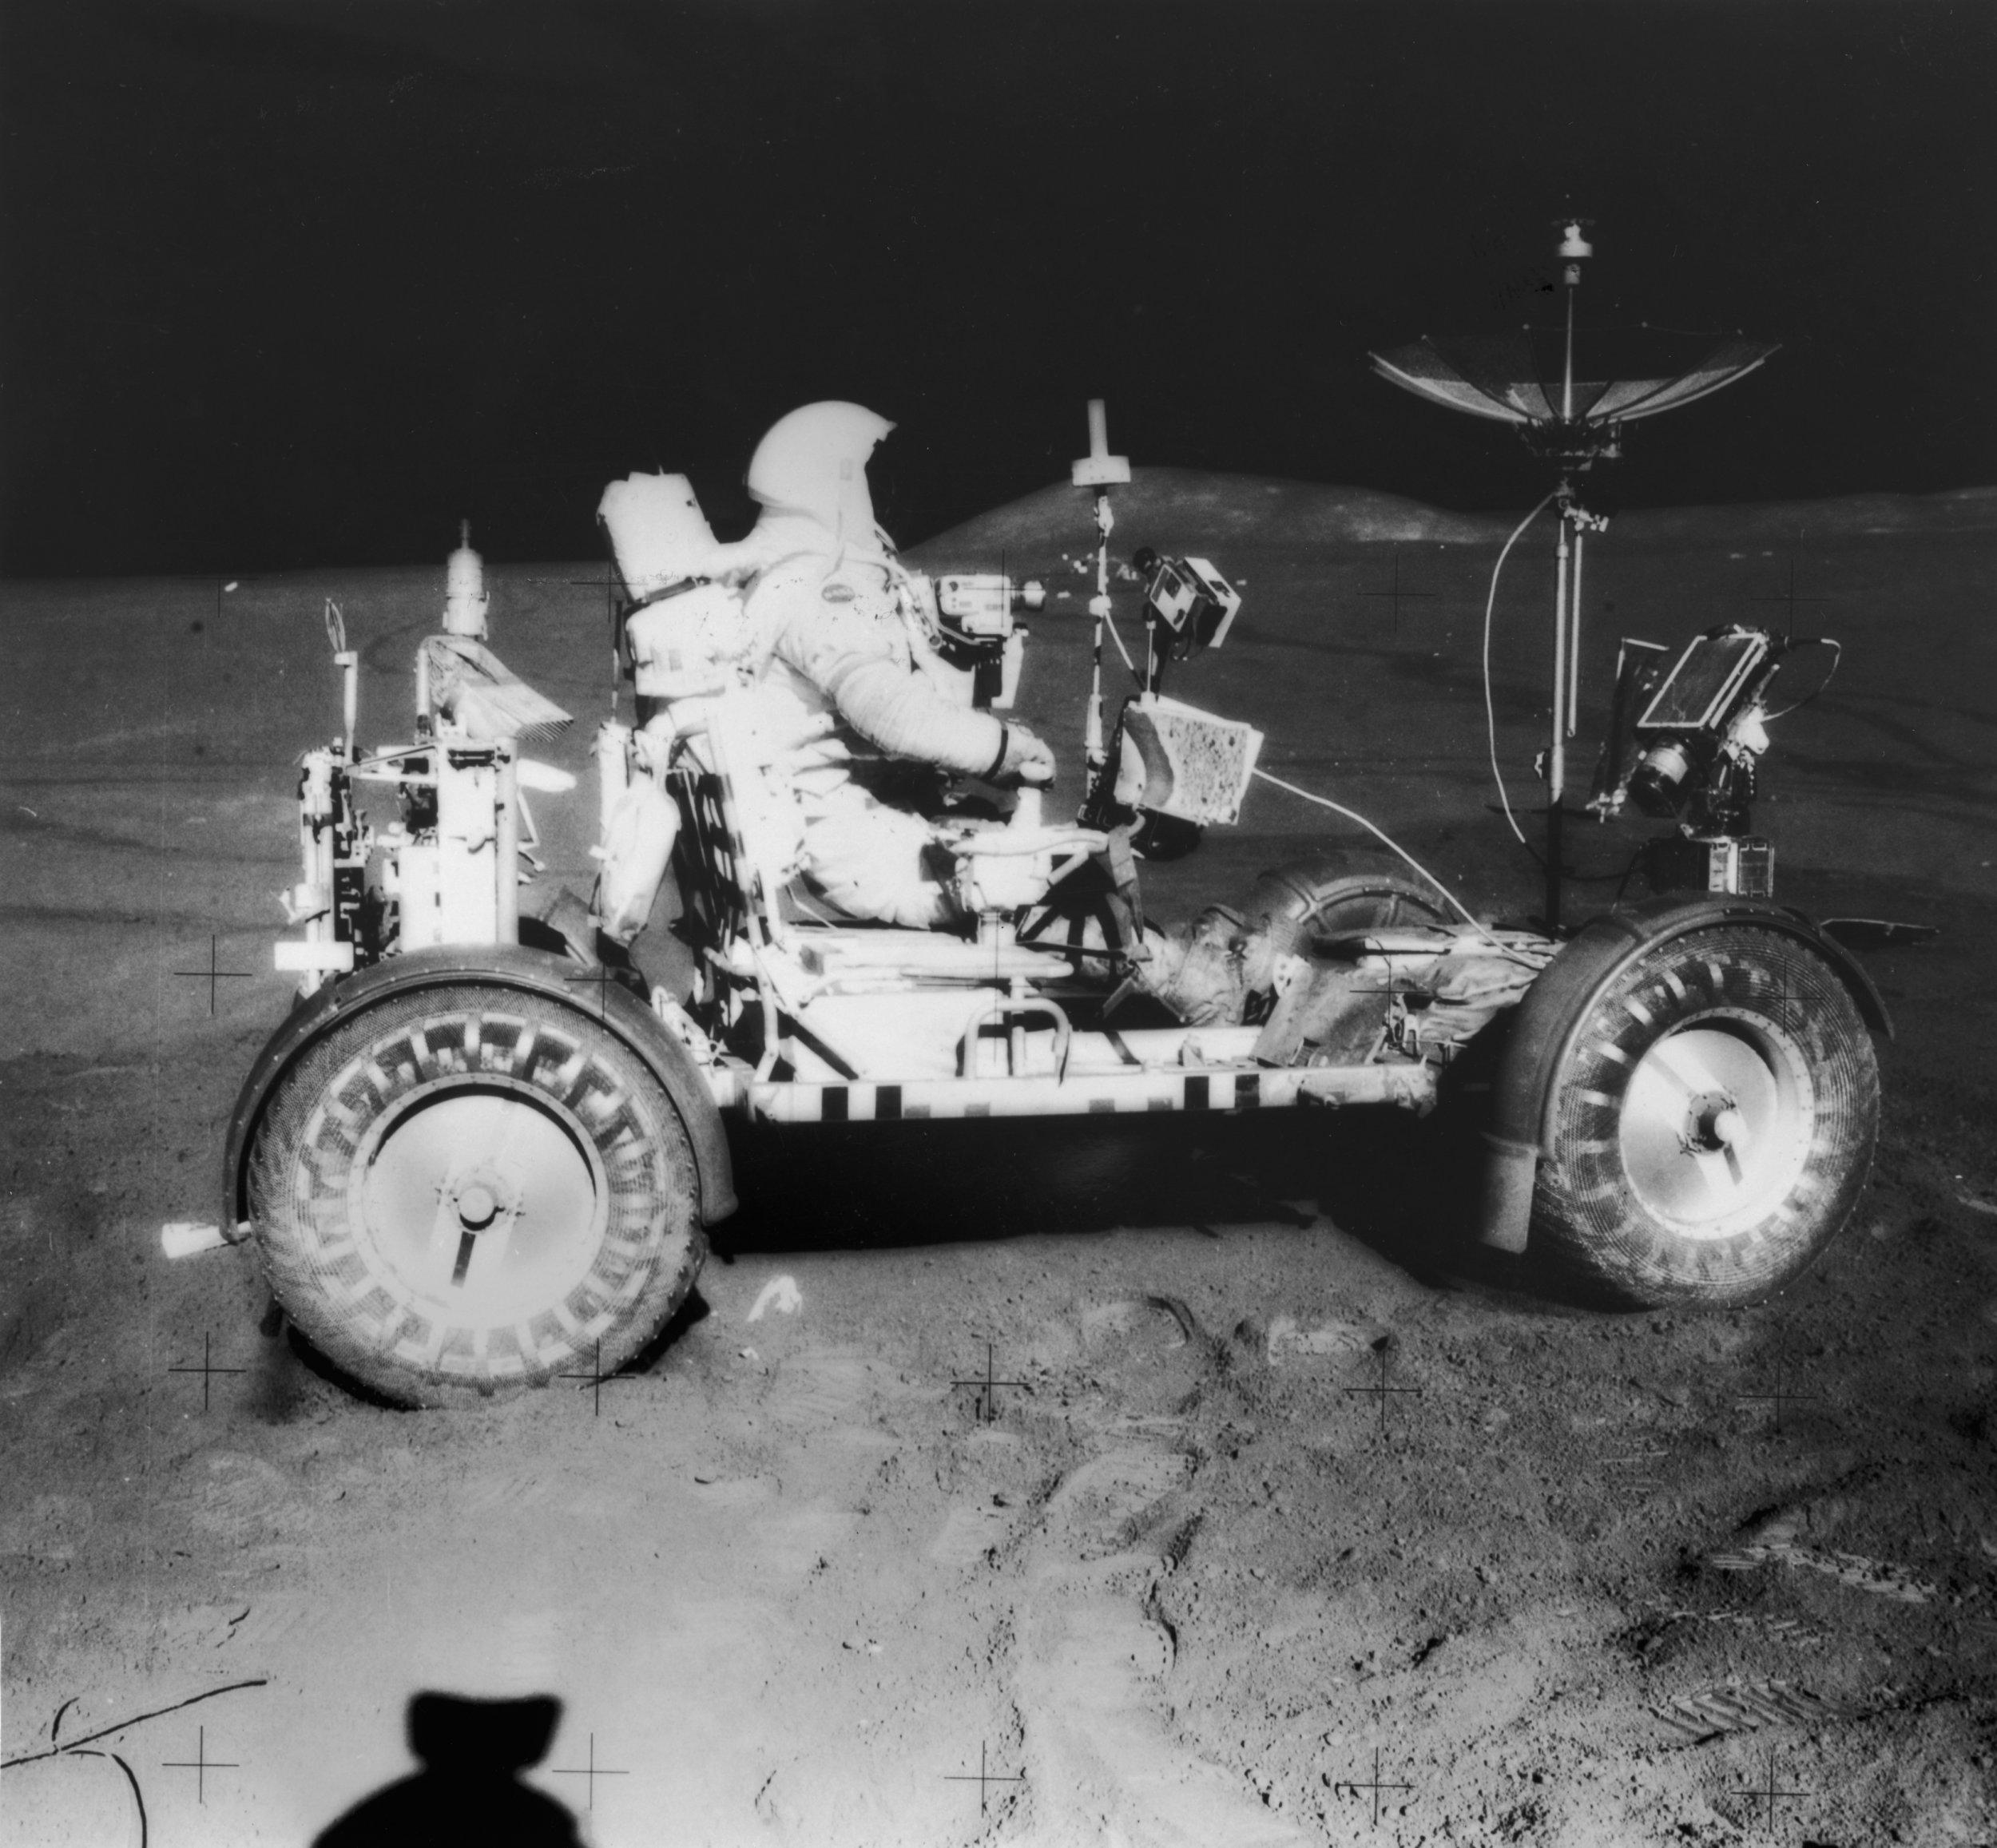 nasa apollo lunar rover - photo #15